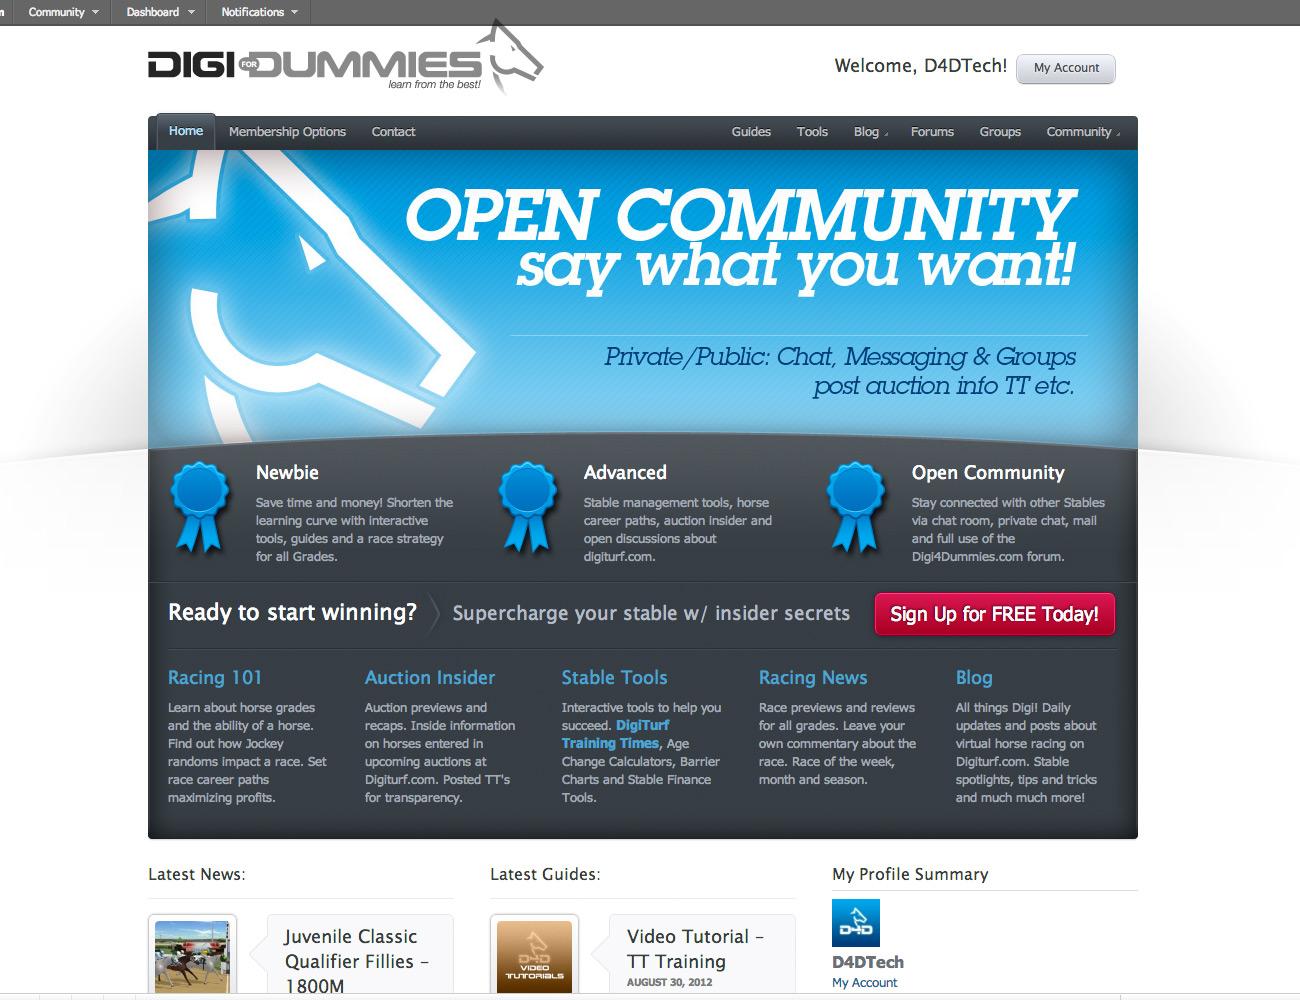 Digi4Dummies.com